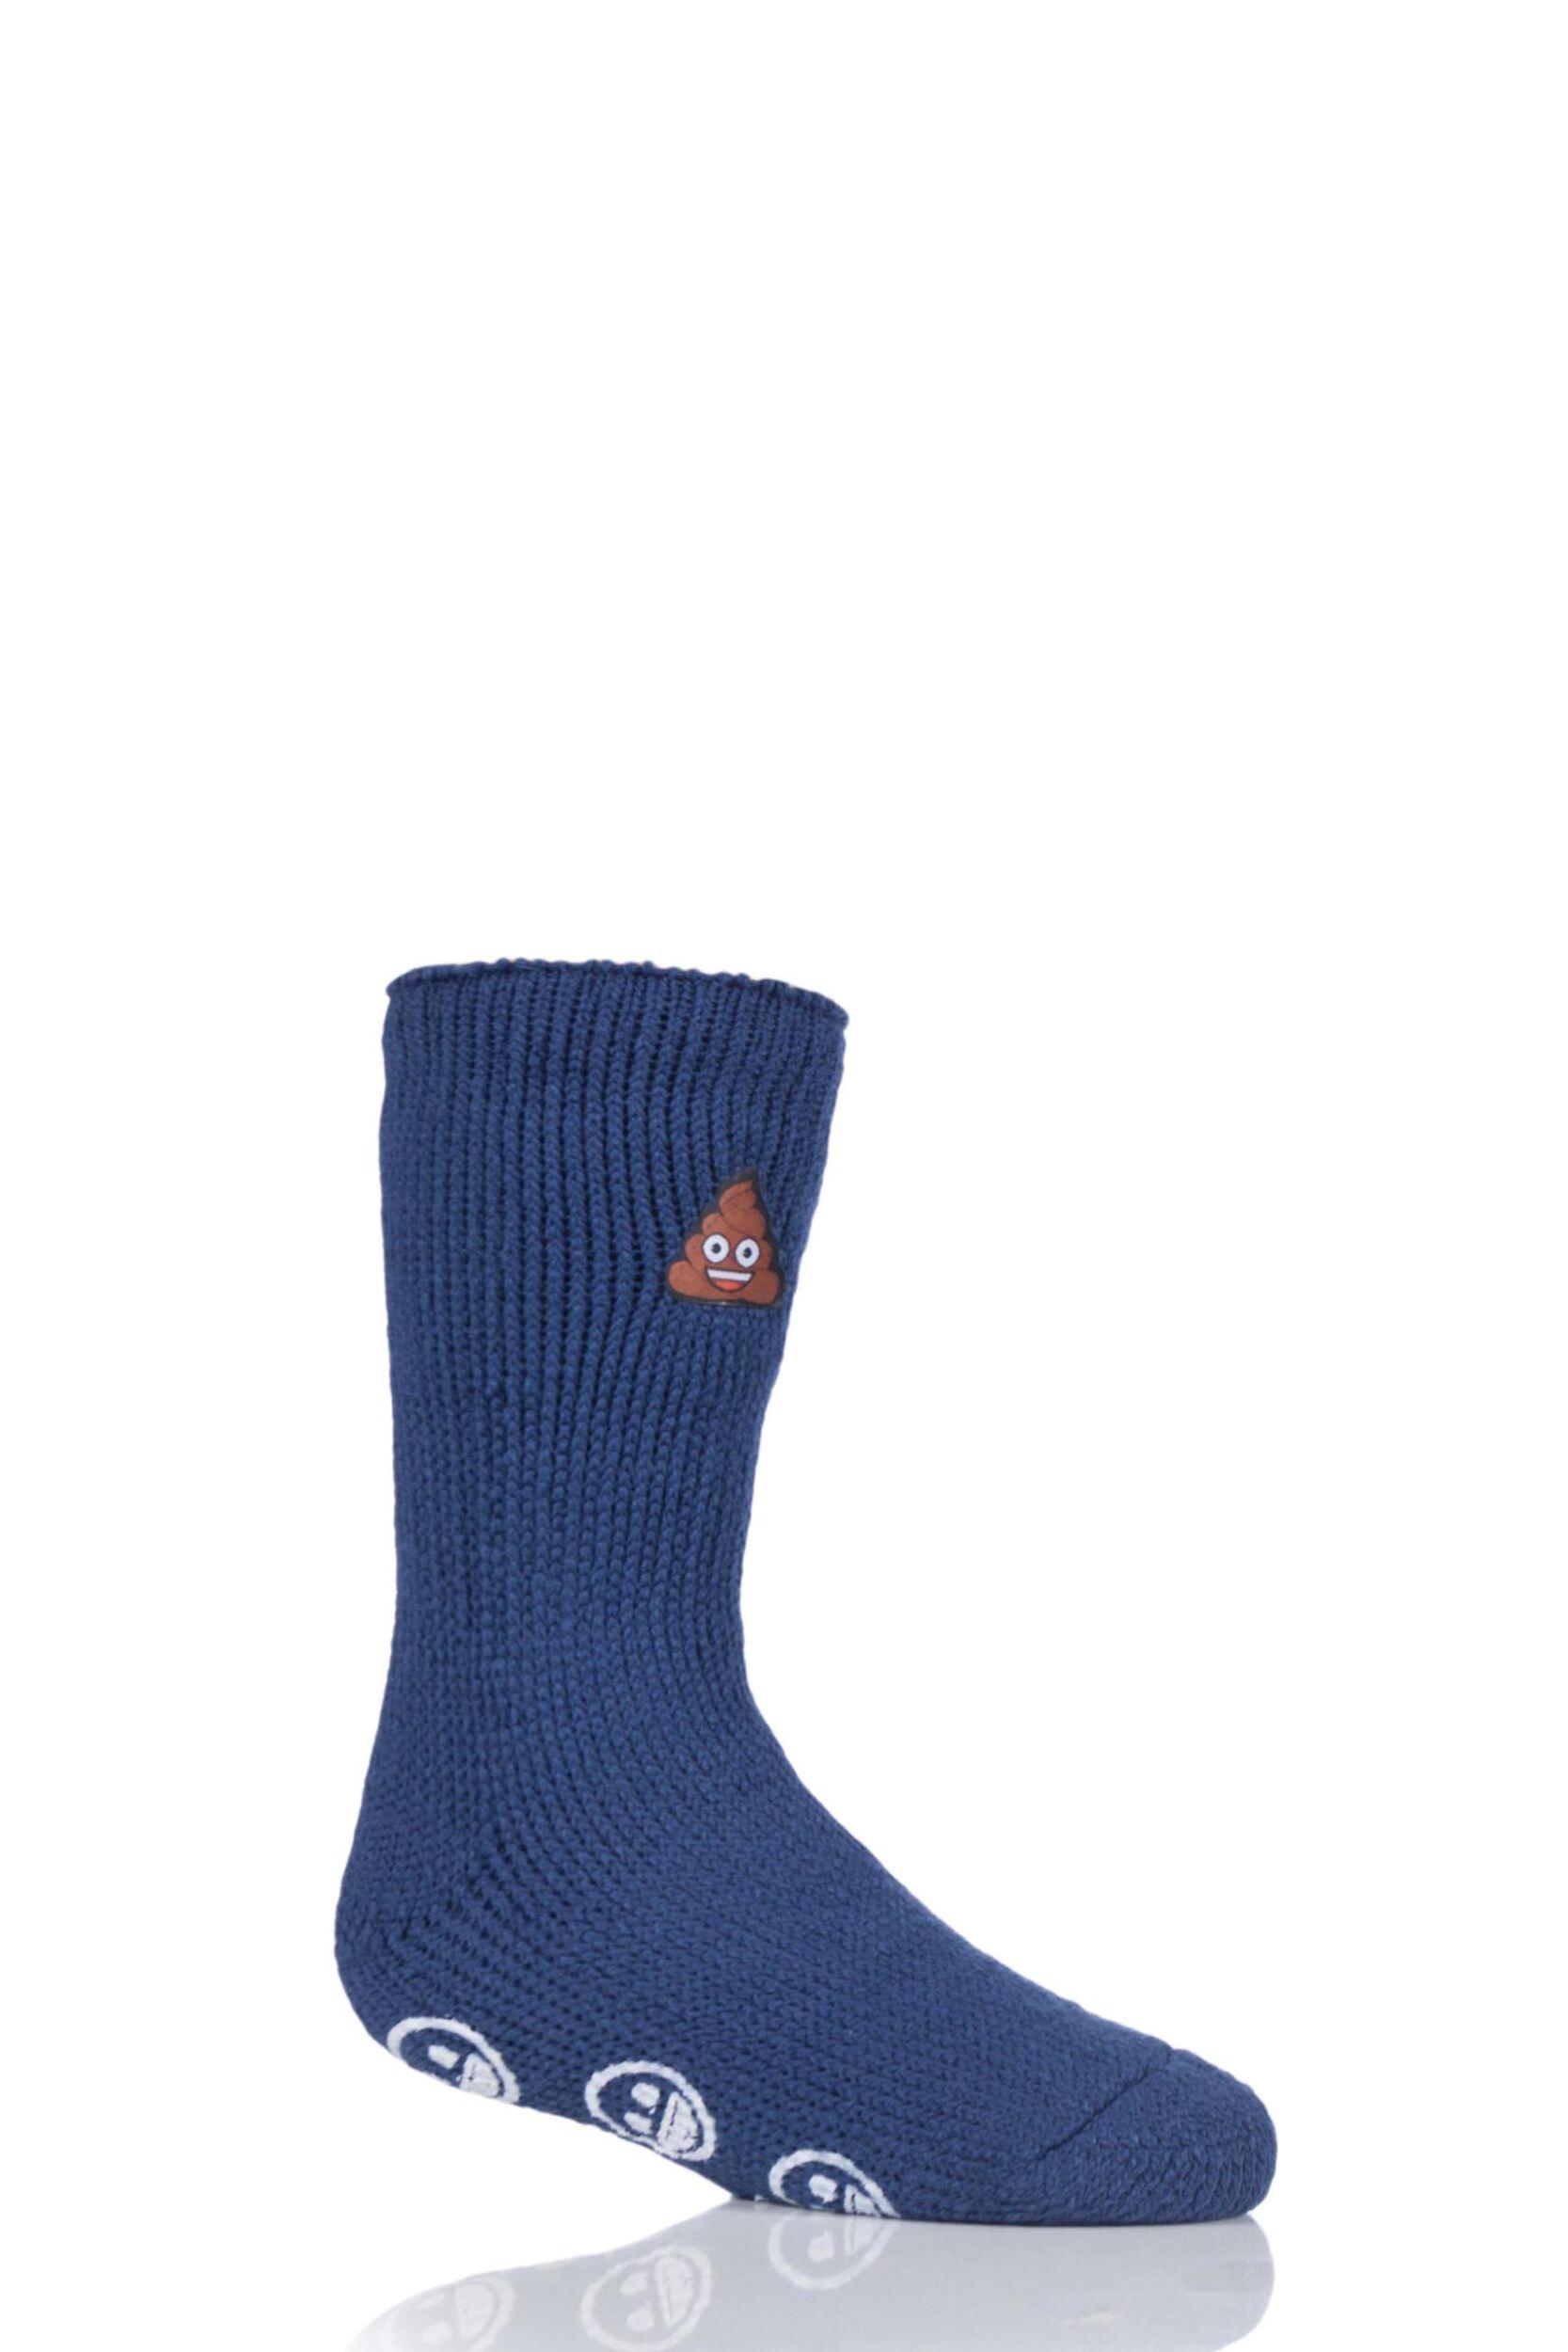 Image of 1 Pair Blue Emoji Poo Face Slipper Socks Kids Unisex 9-12 Kids (4-7 Years) - Heat Holders